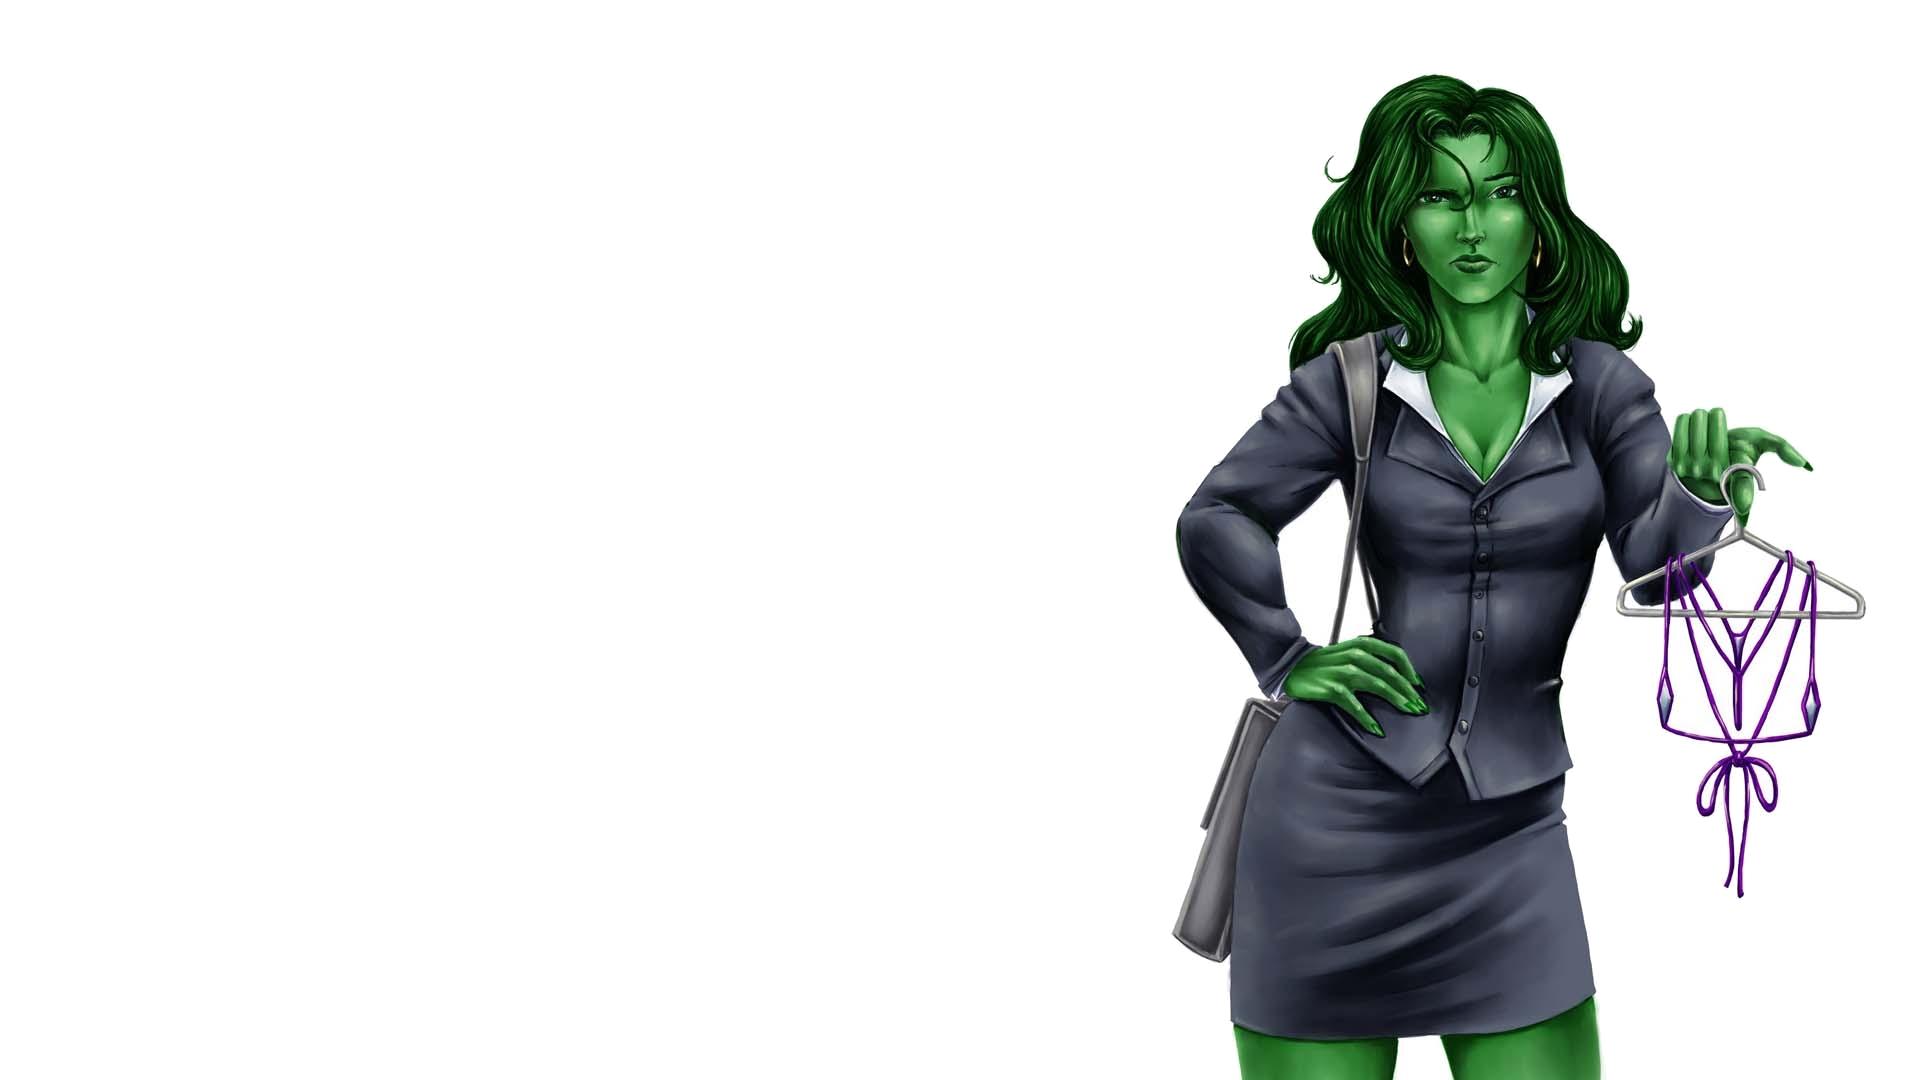 She-Hulk+Muscle She hulk Muscle Related Keywords & Suggestions She ...